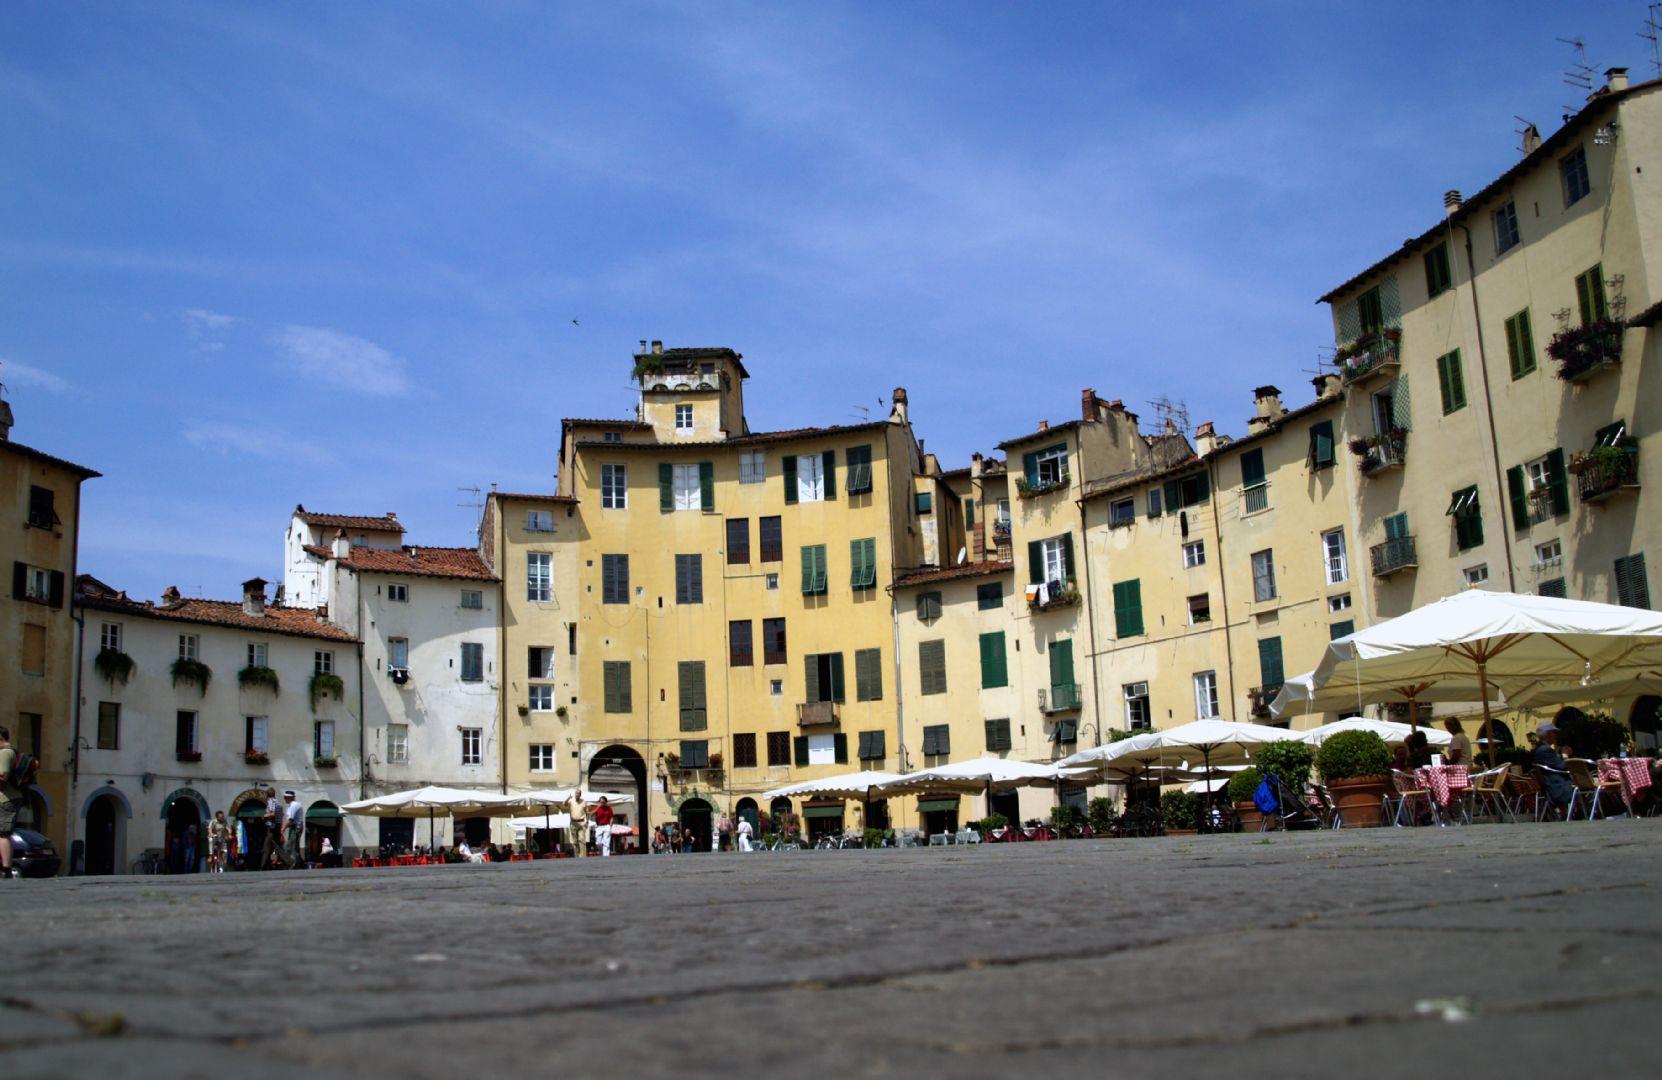 Piazza del'Anfitheatro.jpg - Italy - Garfagnana - The Mountains of Tuscany - Italia Road Cycling